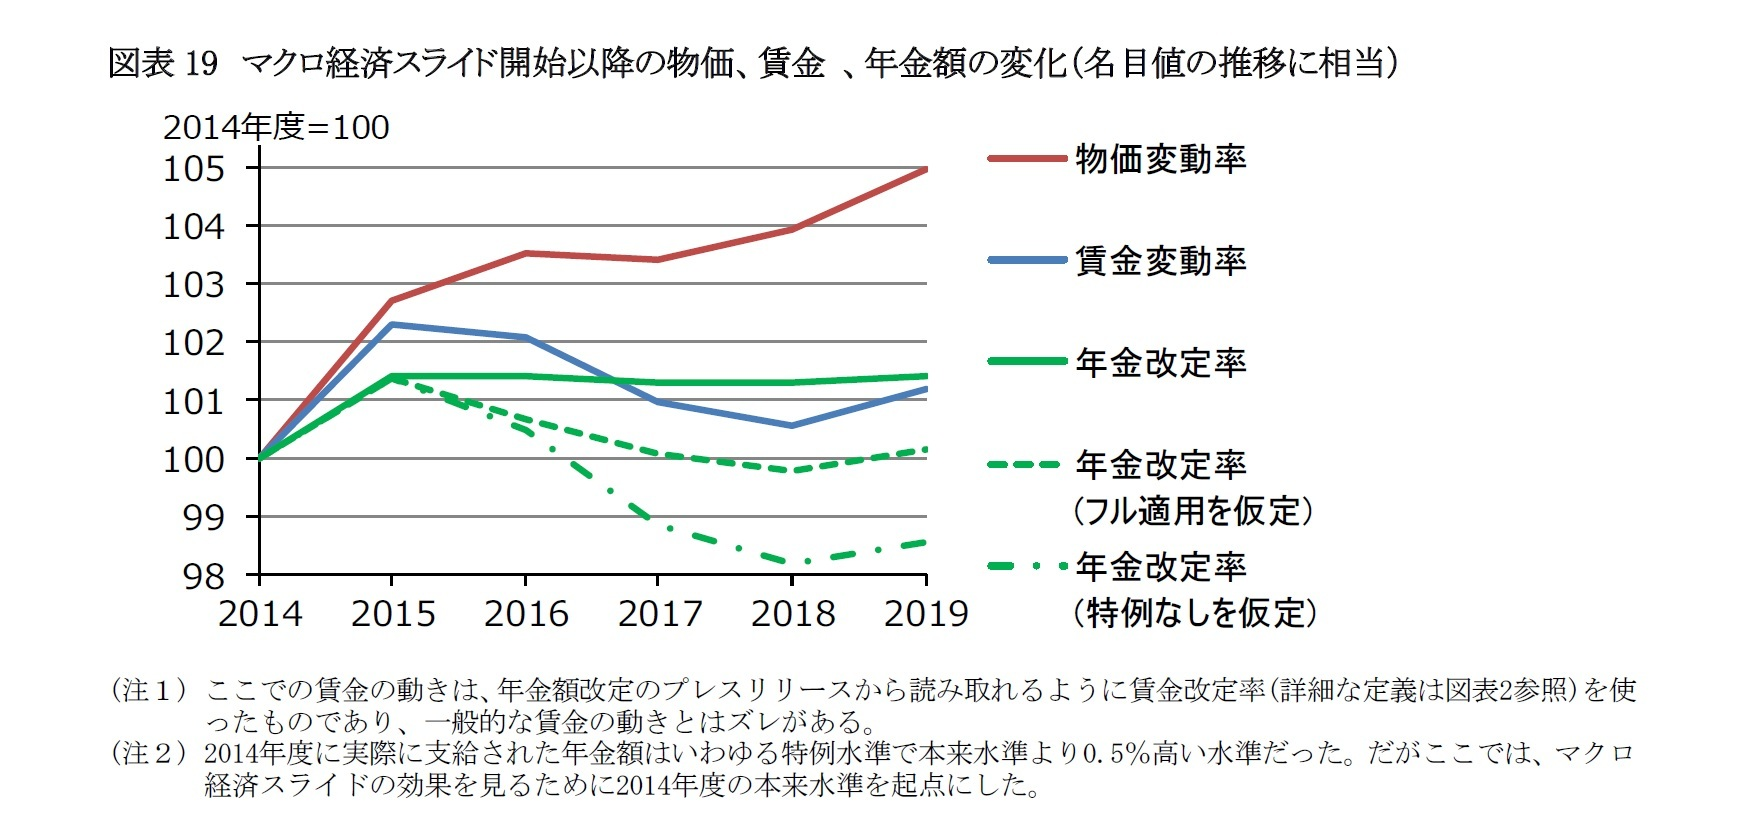 図表19 マクロ経済スライド開始以降の物価、賃金 、年金額の変化(名目値の推移に相当)